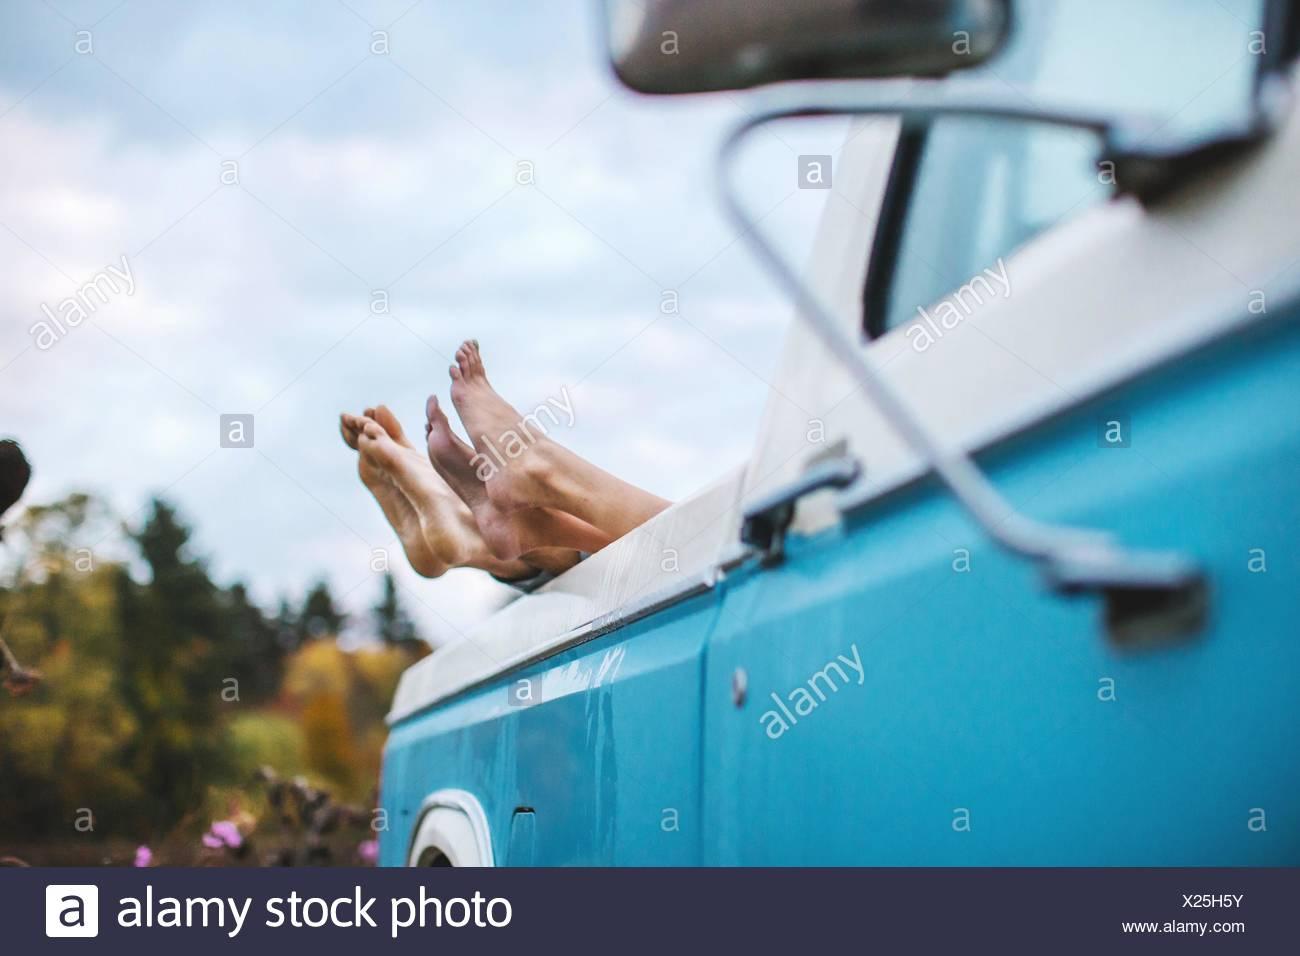 Jeune couple couché à l'arrière du camion, les pieds nus sur le bord du chariot, l'accent sur pieds Photo Stock